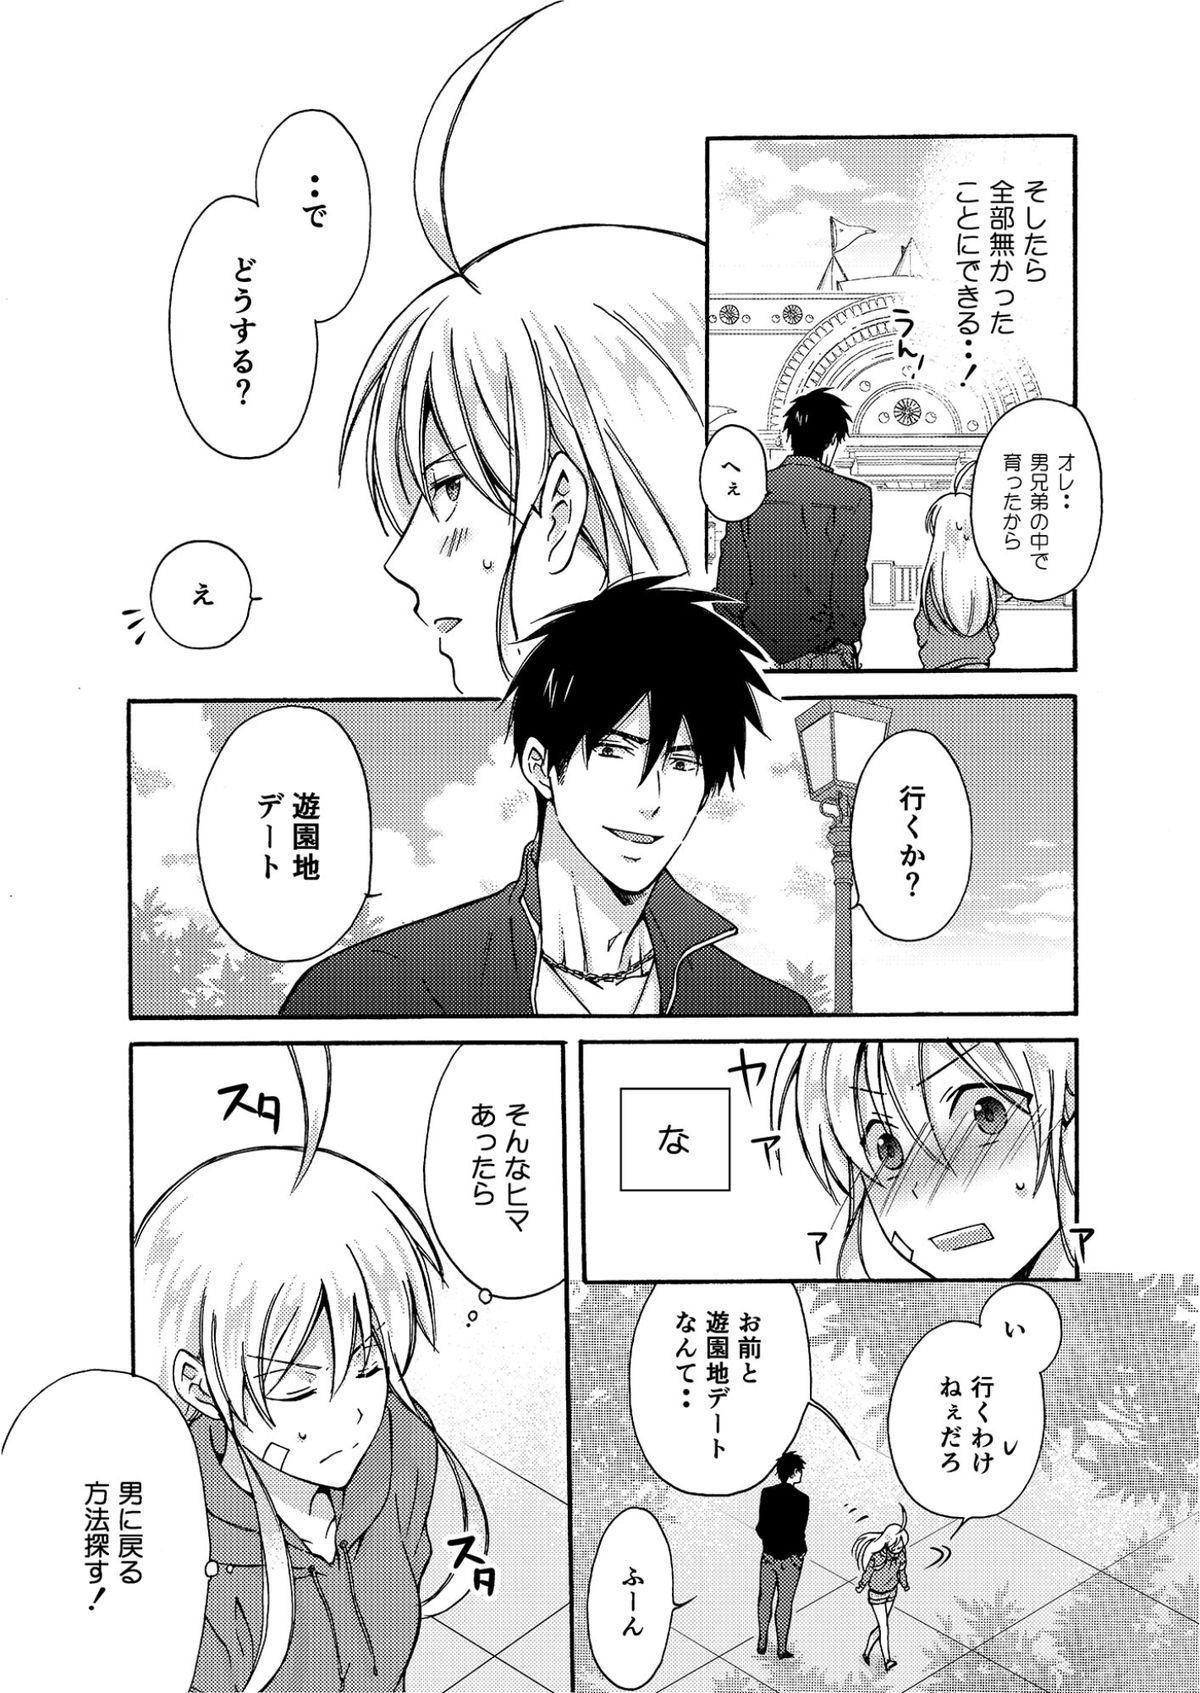 Nyotaika Yankee Gakuen ☆ Ore no Hajimete, Nerawaretemasu. 4 13